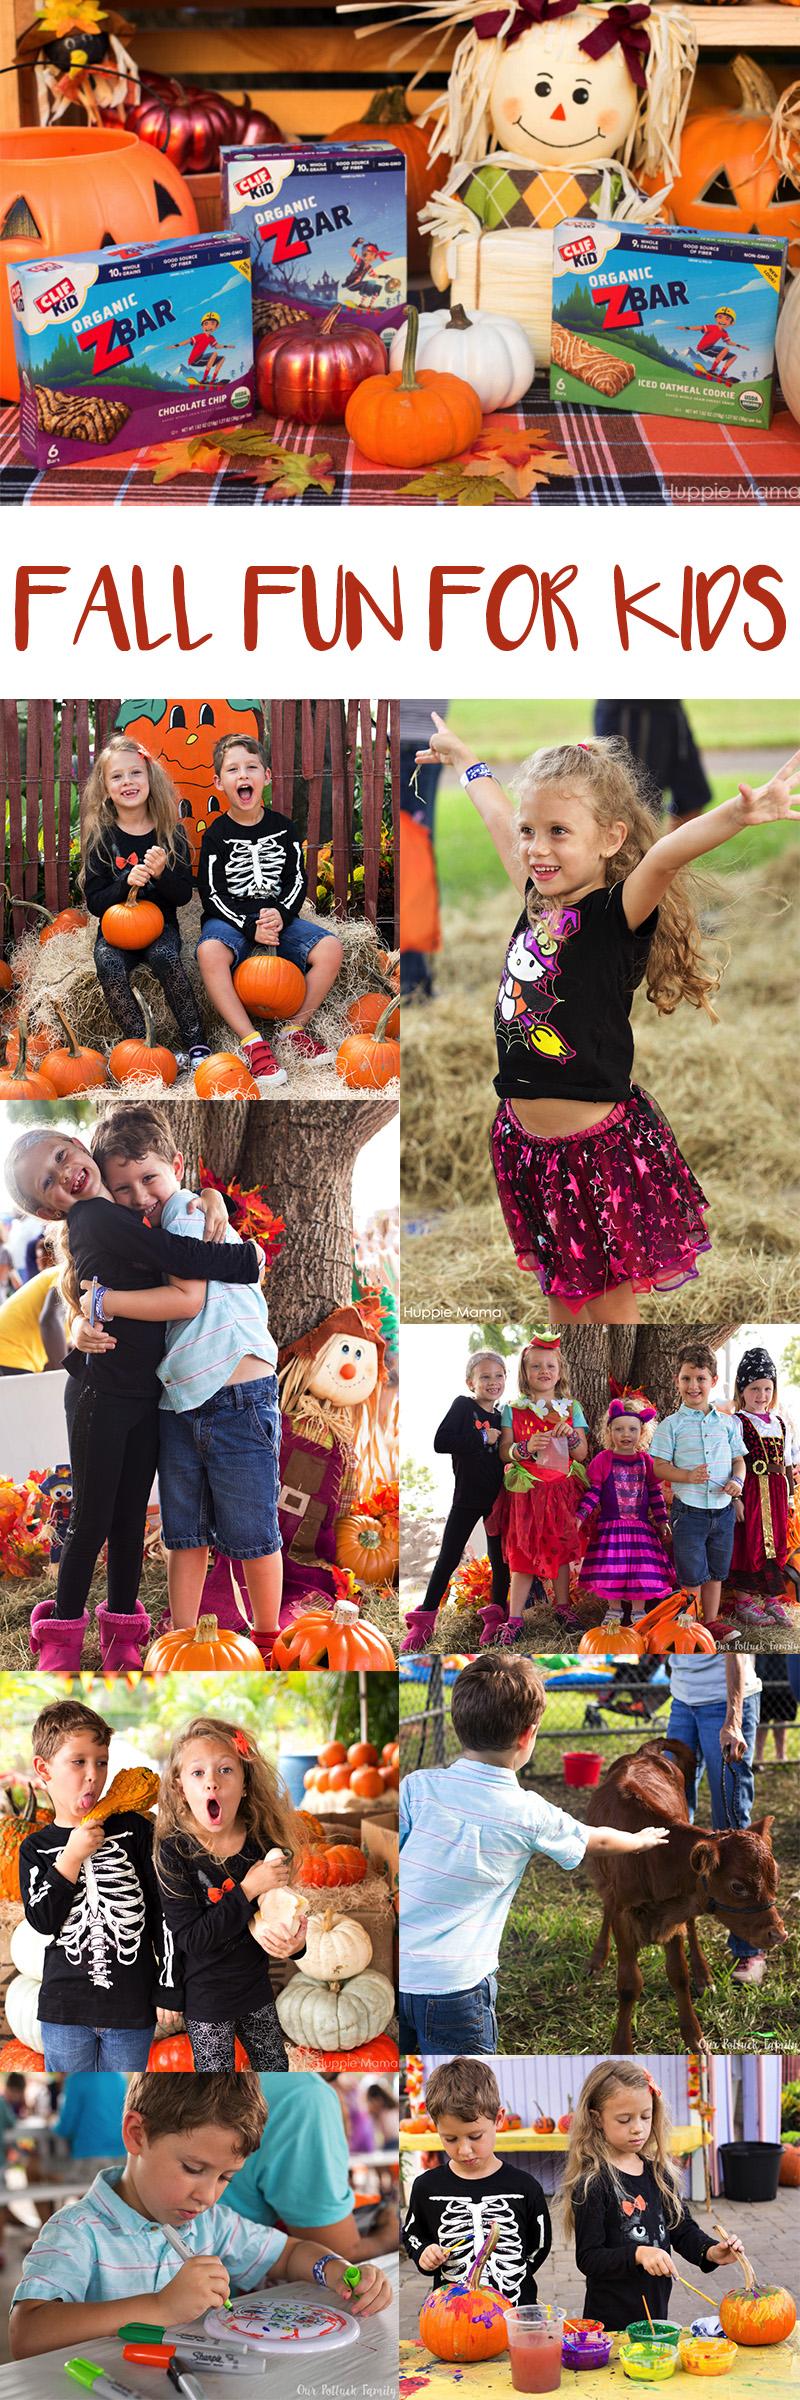 fall-fun-for-kids